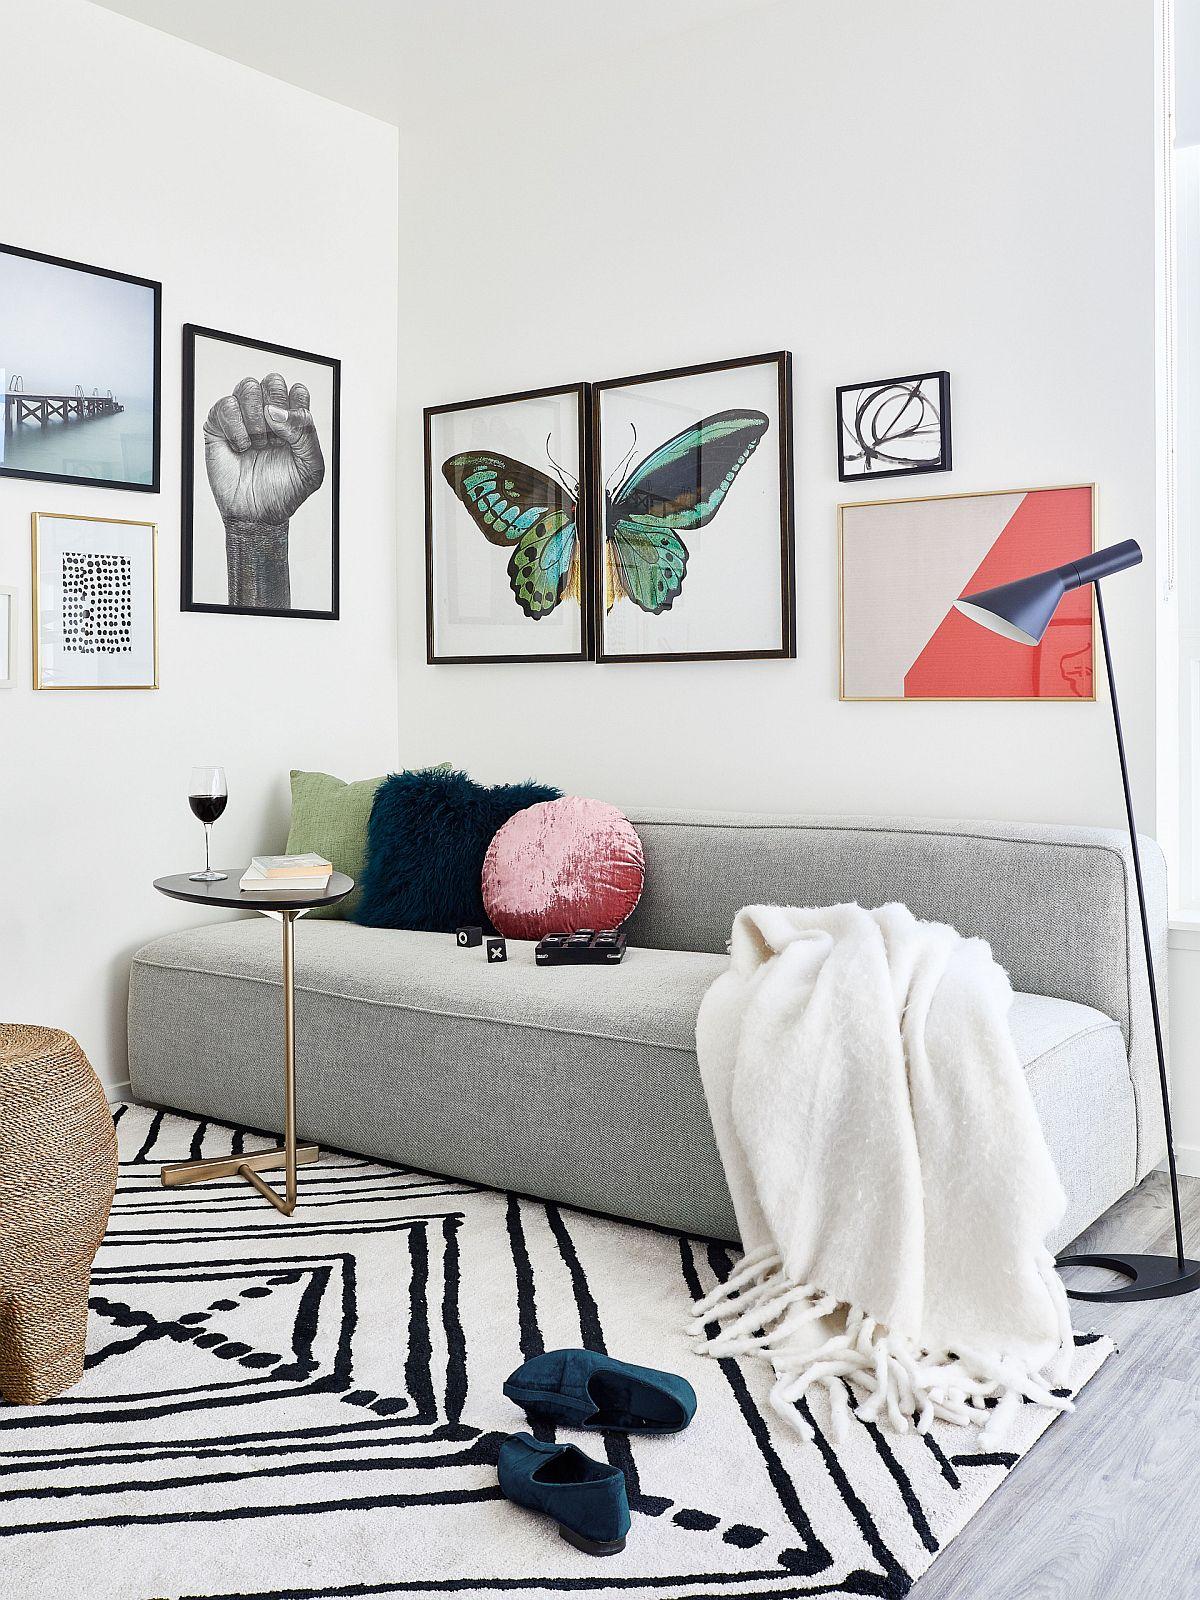 Màu trung tính của sofa có thể kết hợp hài hòa với các gam màu khác